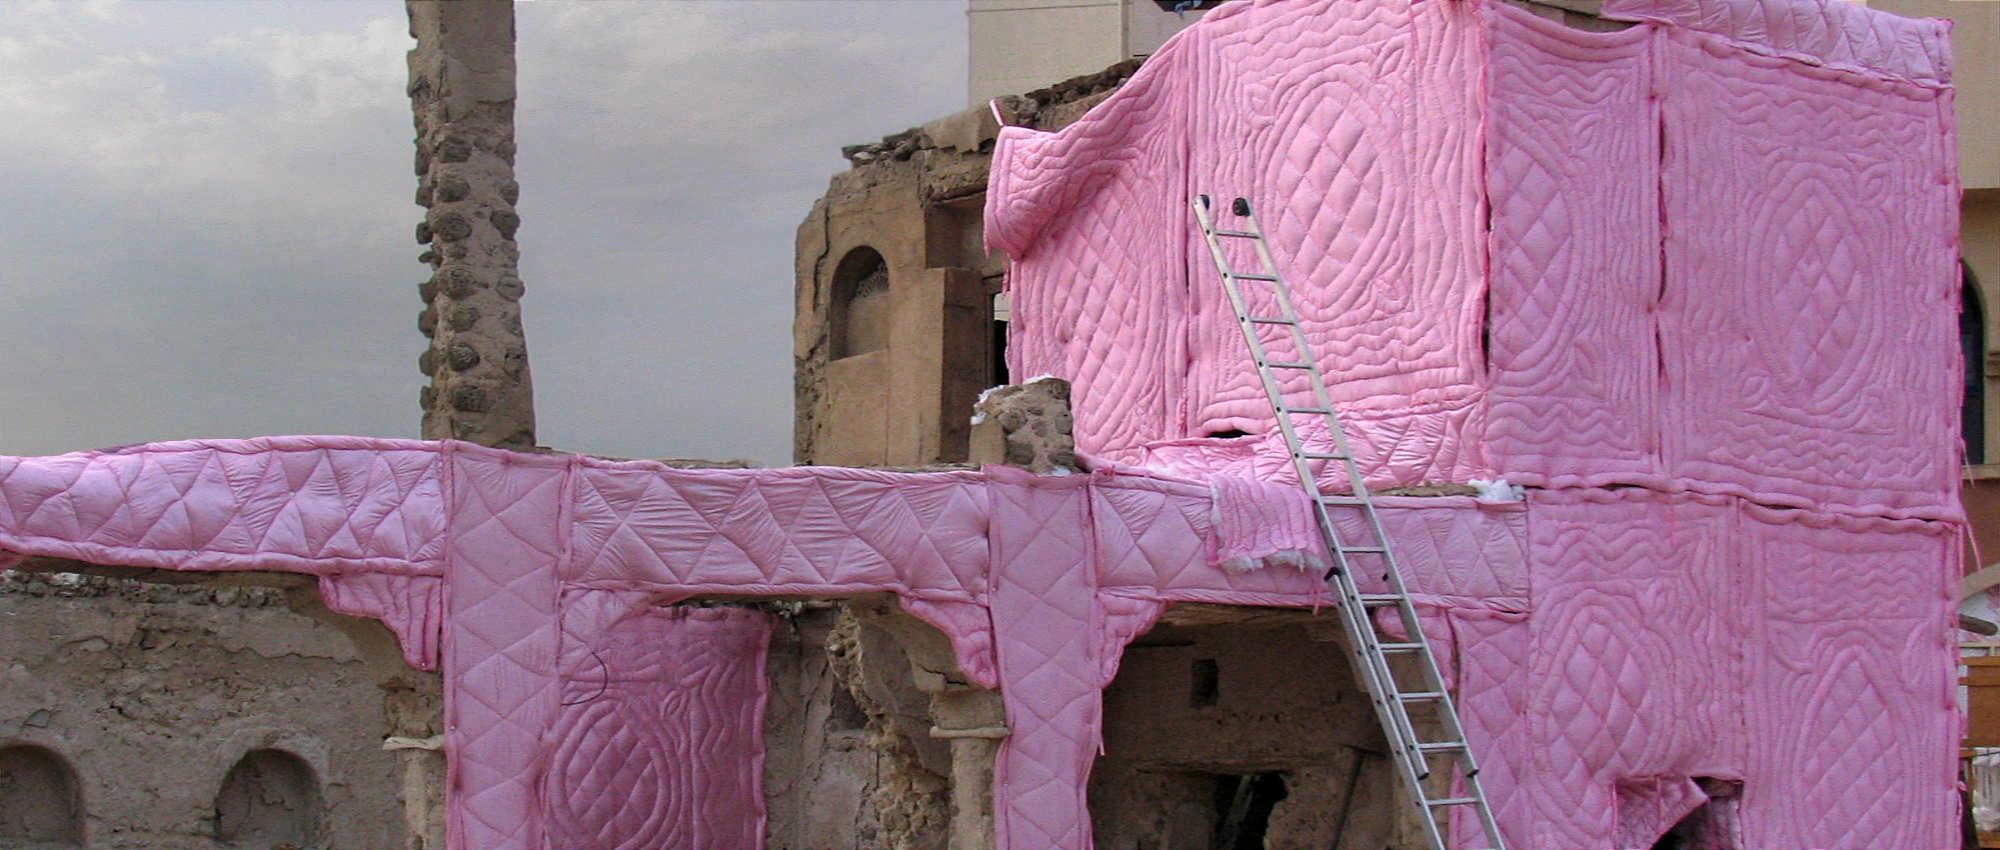 Sharjah Biennale 2007